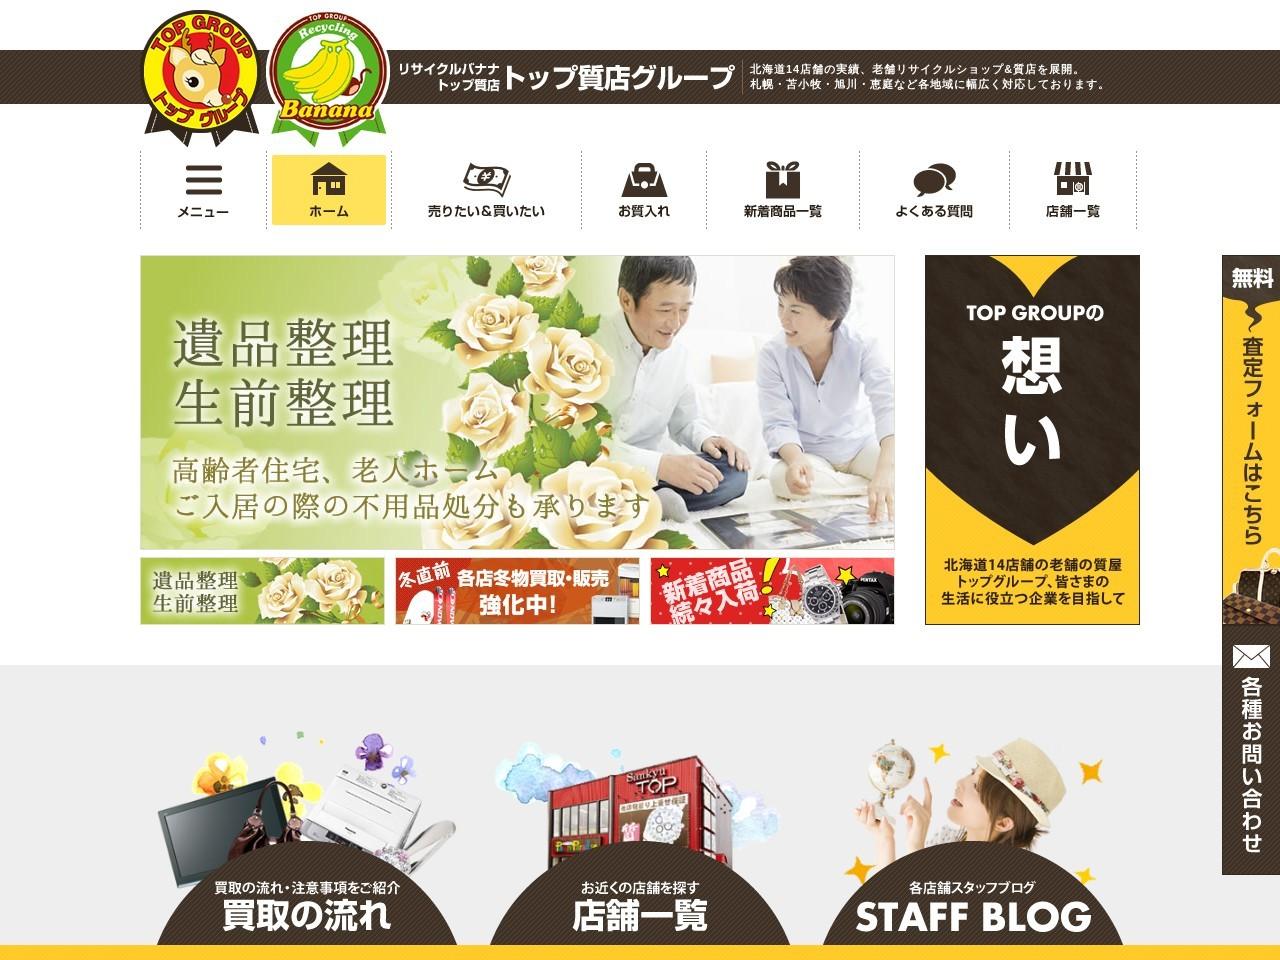 札幌 高額買取・リサイクルショップ トップ質店グループ | 北海道14店舗の実績の老舗